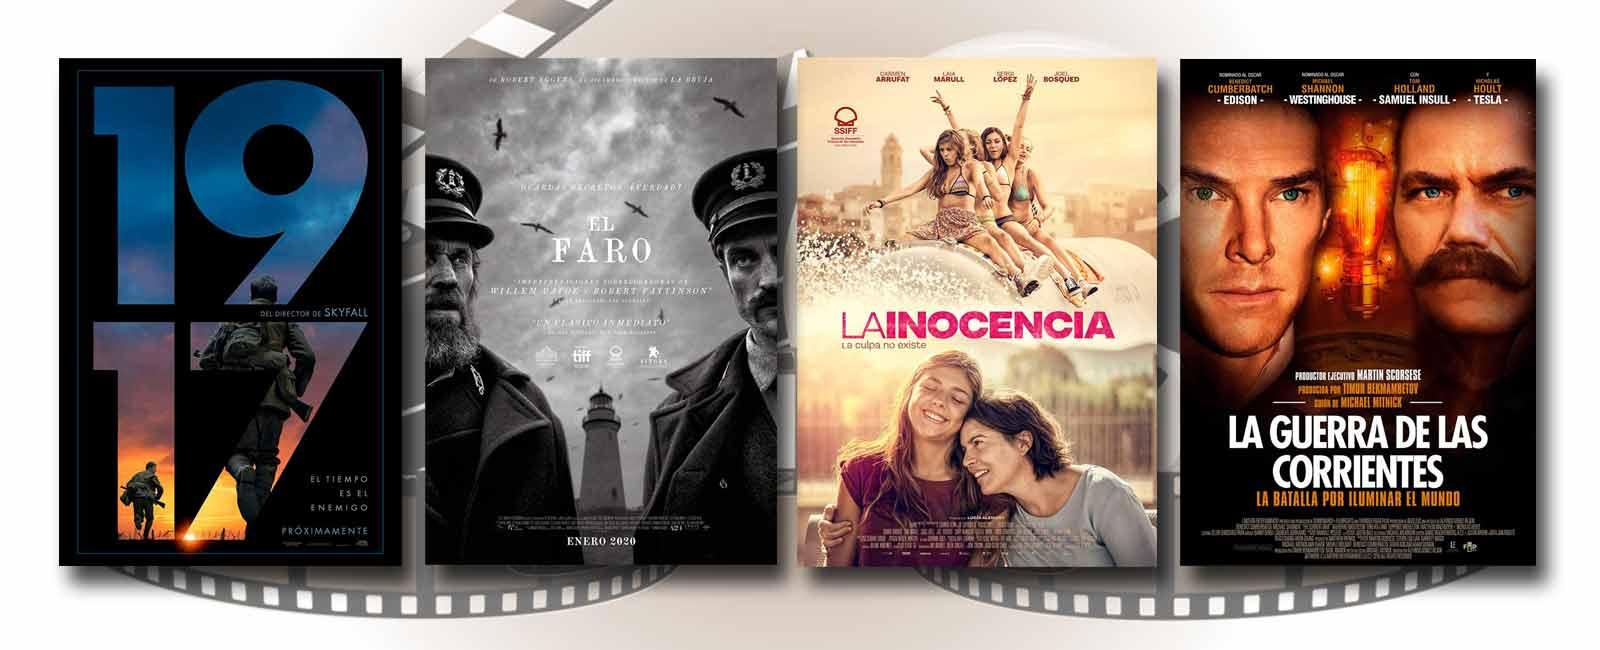 Estrenos de Cine de la Semana… 10 de Enero 2020